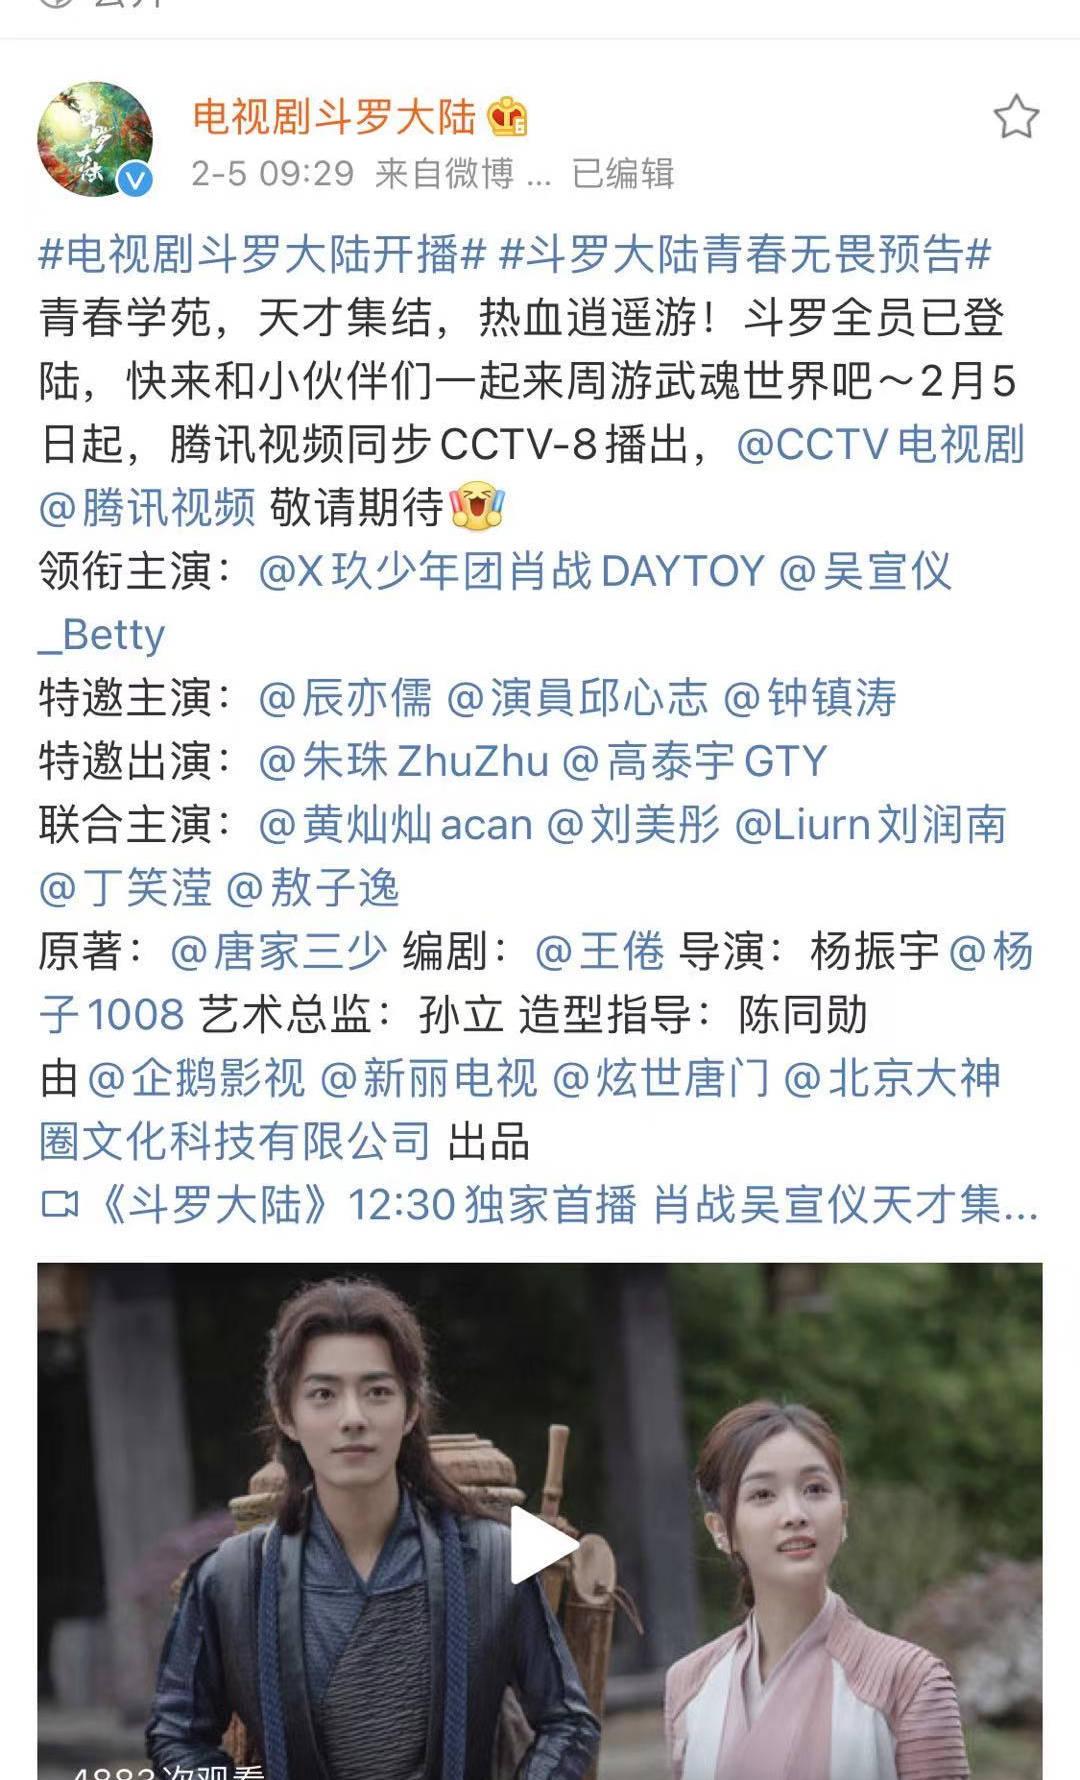 斗罗大陆青春无畏预告 肖战新剧2月5日开播